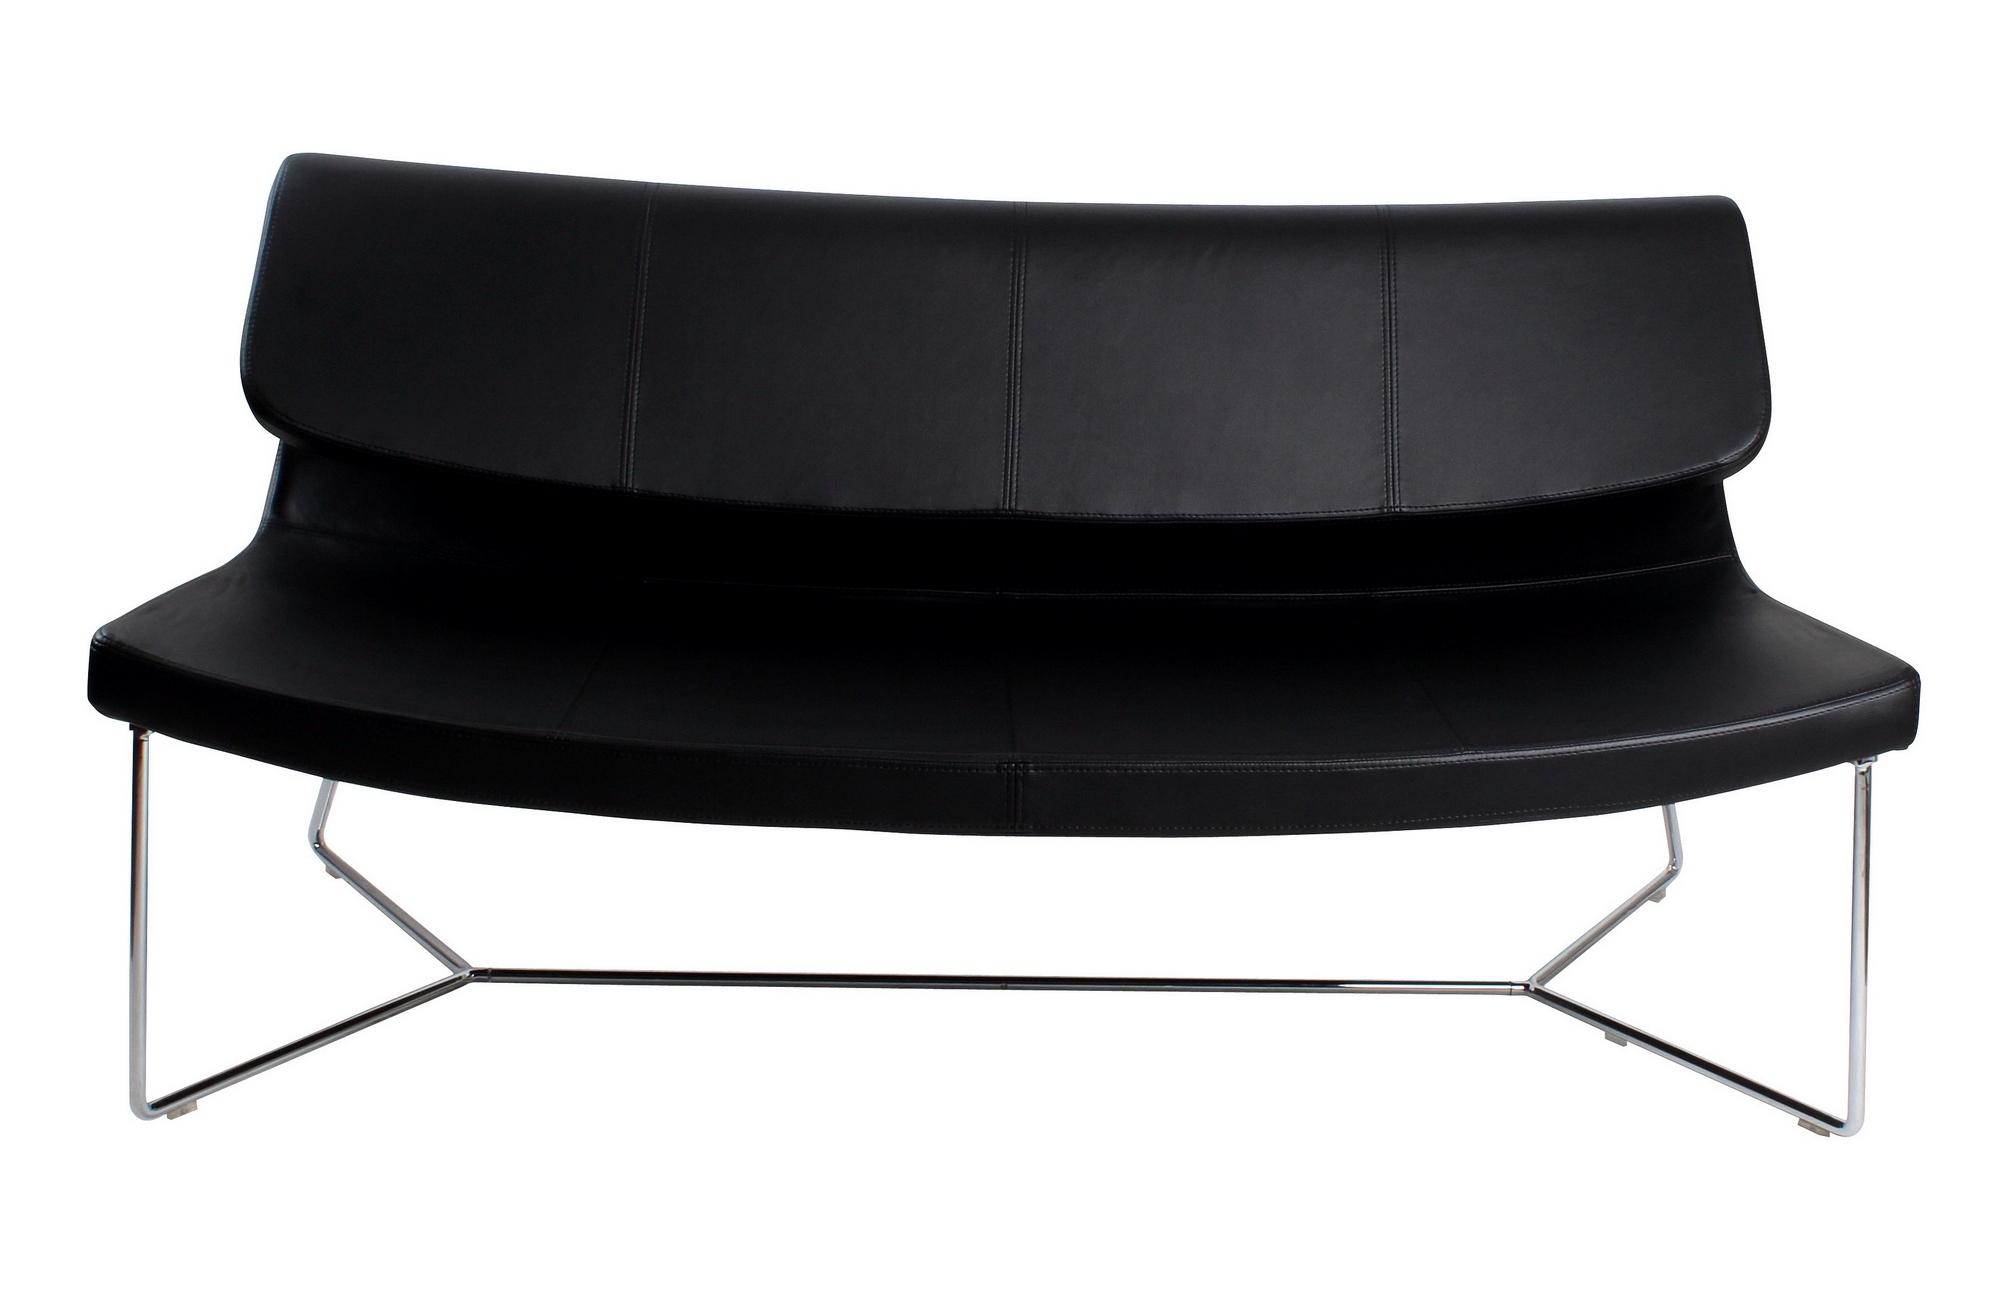 Brennan Sofa Black Leatherette Regarding Brennan Sofa Chairs (View 16 of 25)